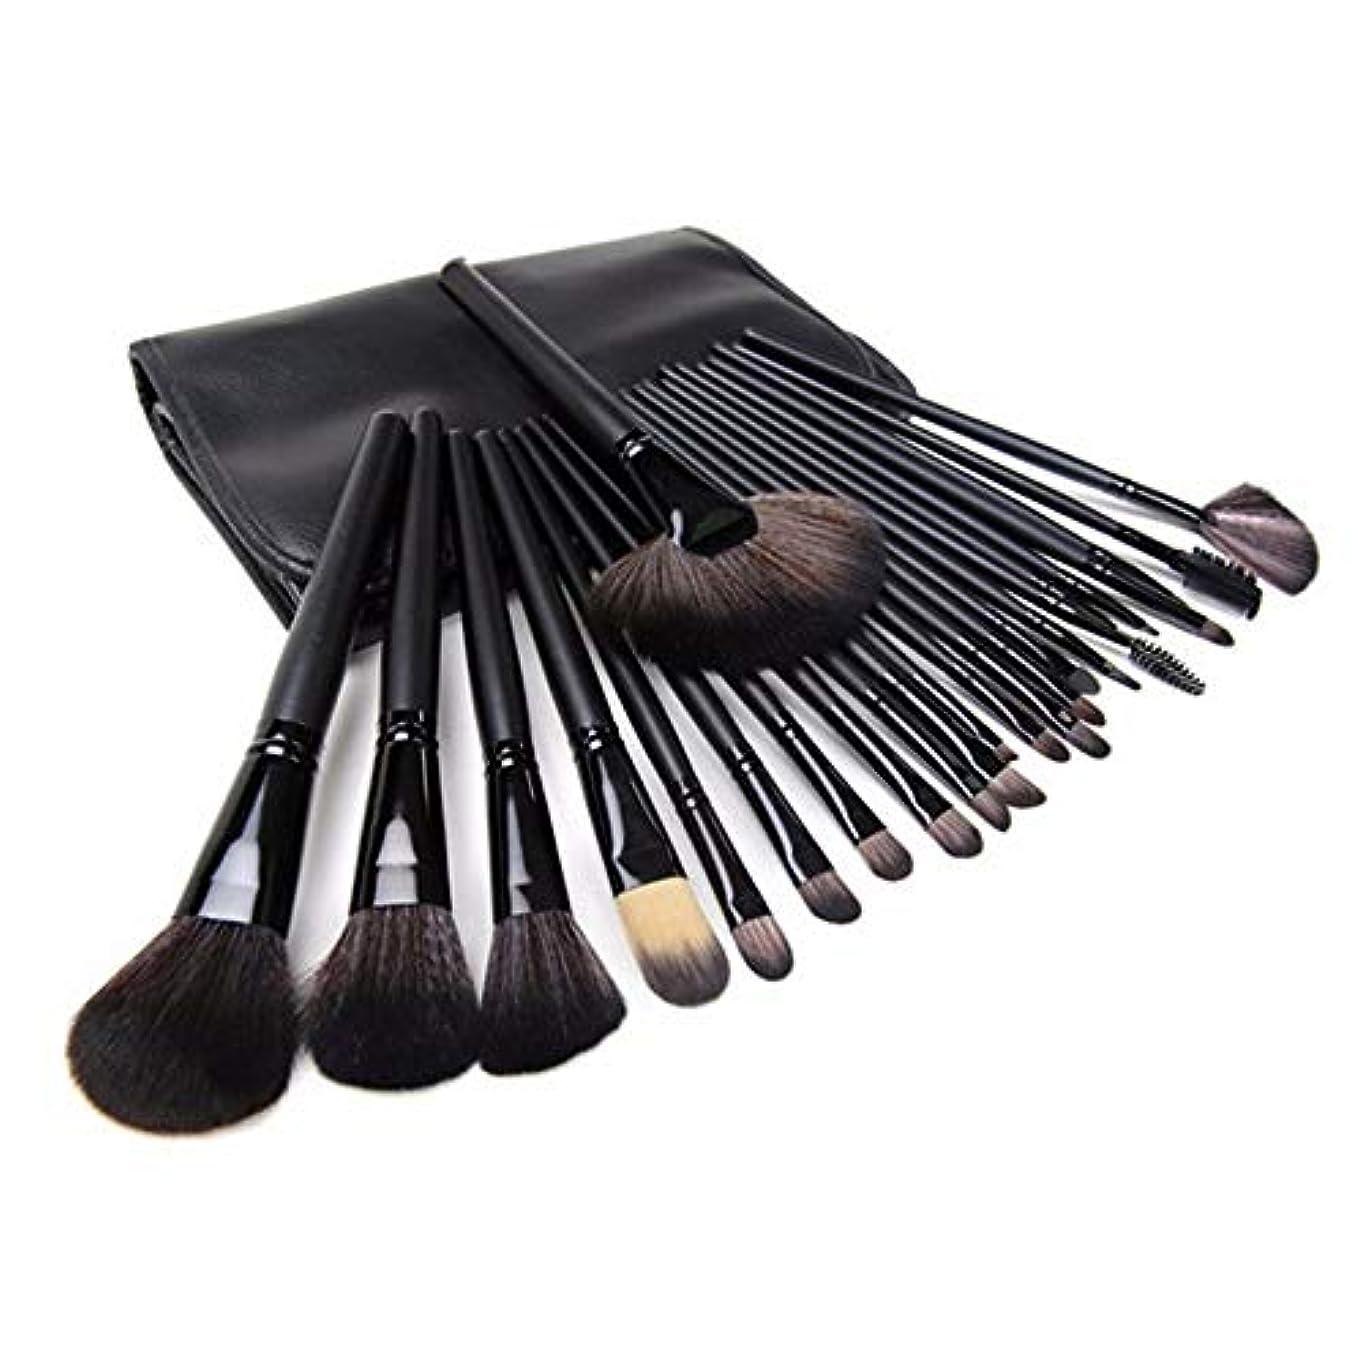 火山学アクティビティ賢いMakeup brushes メイクアップバッグ、24ピースメイクアップブラシ完熟セミシンセティックファンデーションブラッシュコンシーラーアイシャドウリップバーム、メイクアップブラシセット suits (Color : Black)